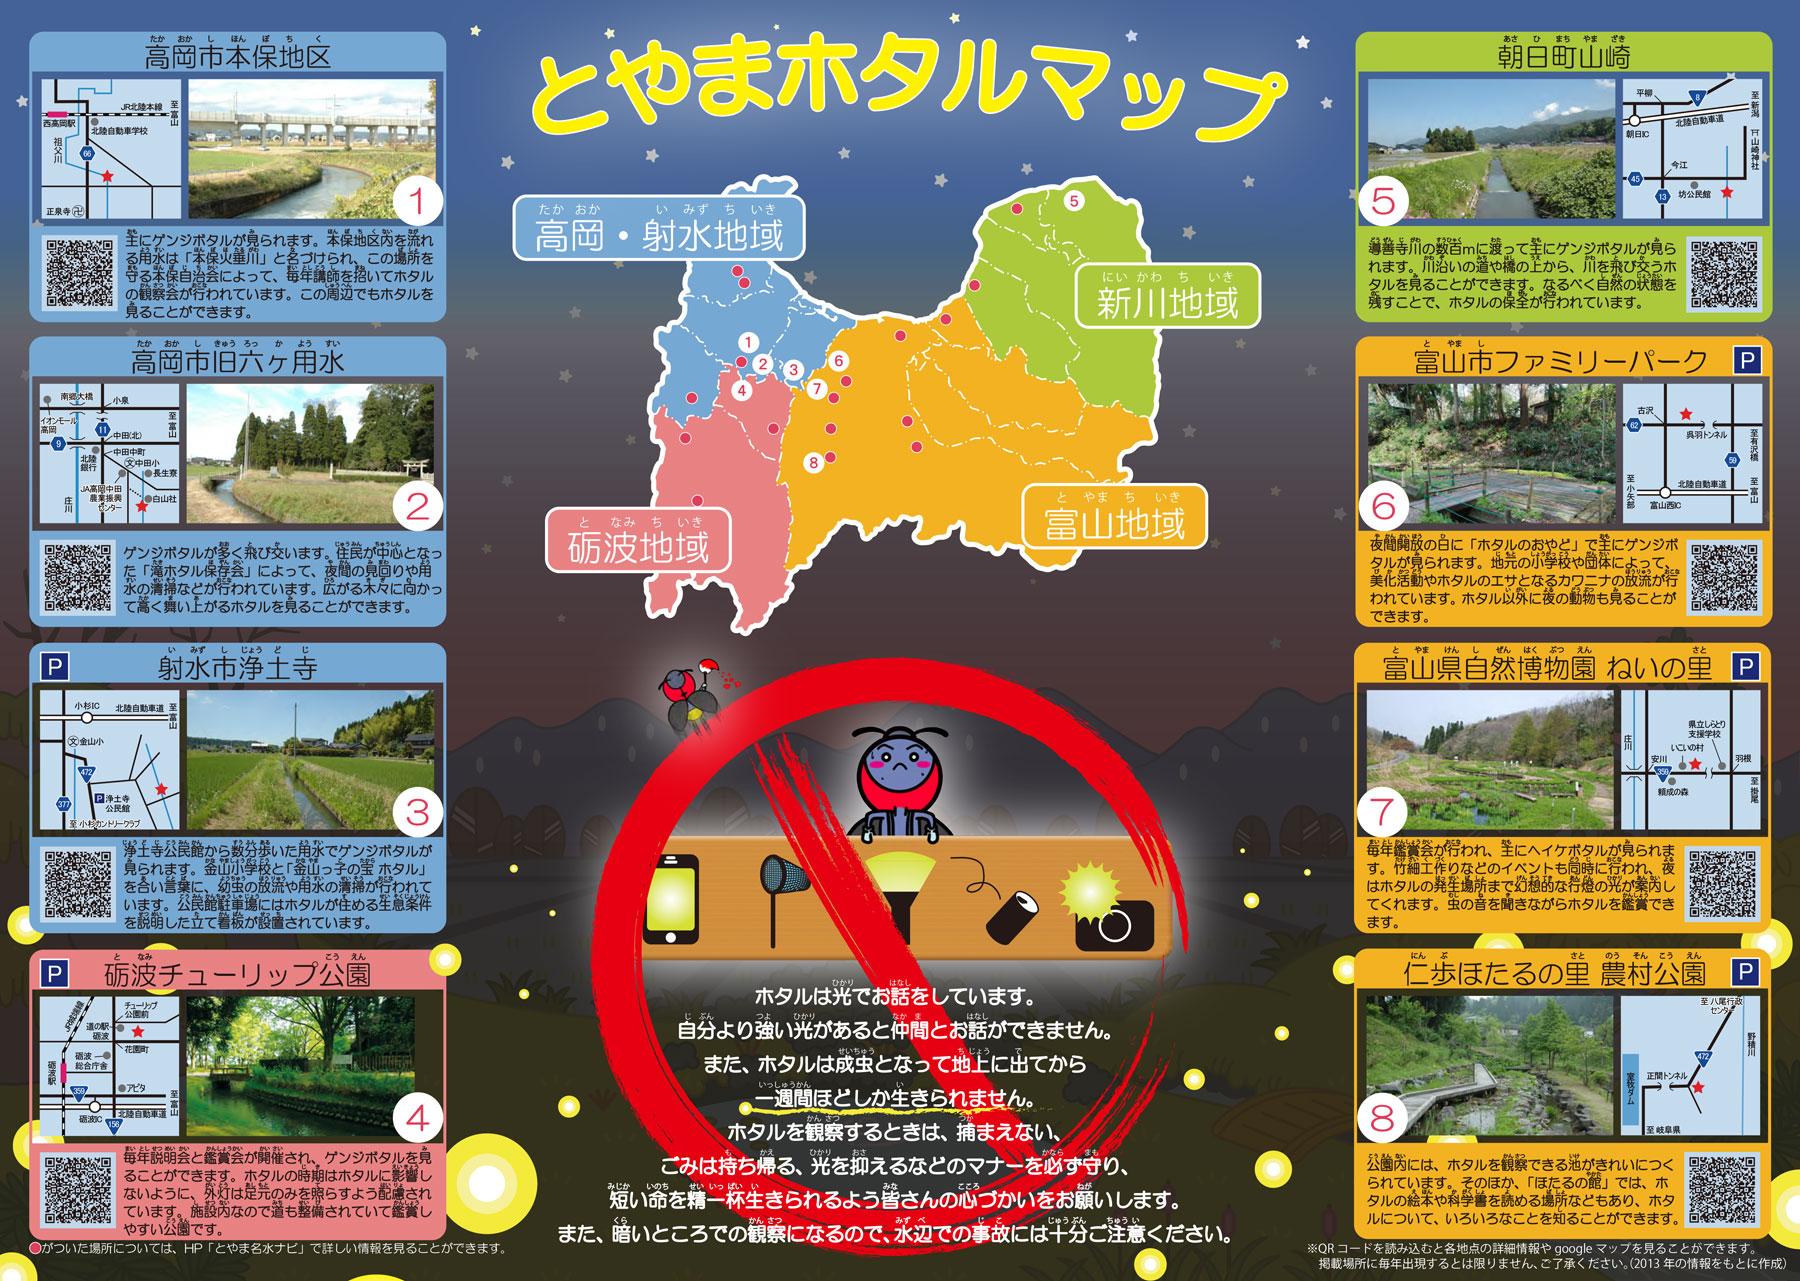 富山県のホタルマップ!蛍の見どころをまとめた地図